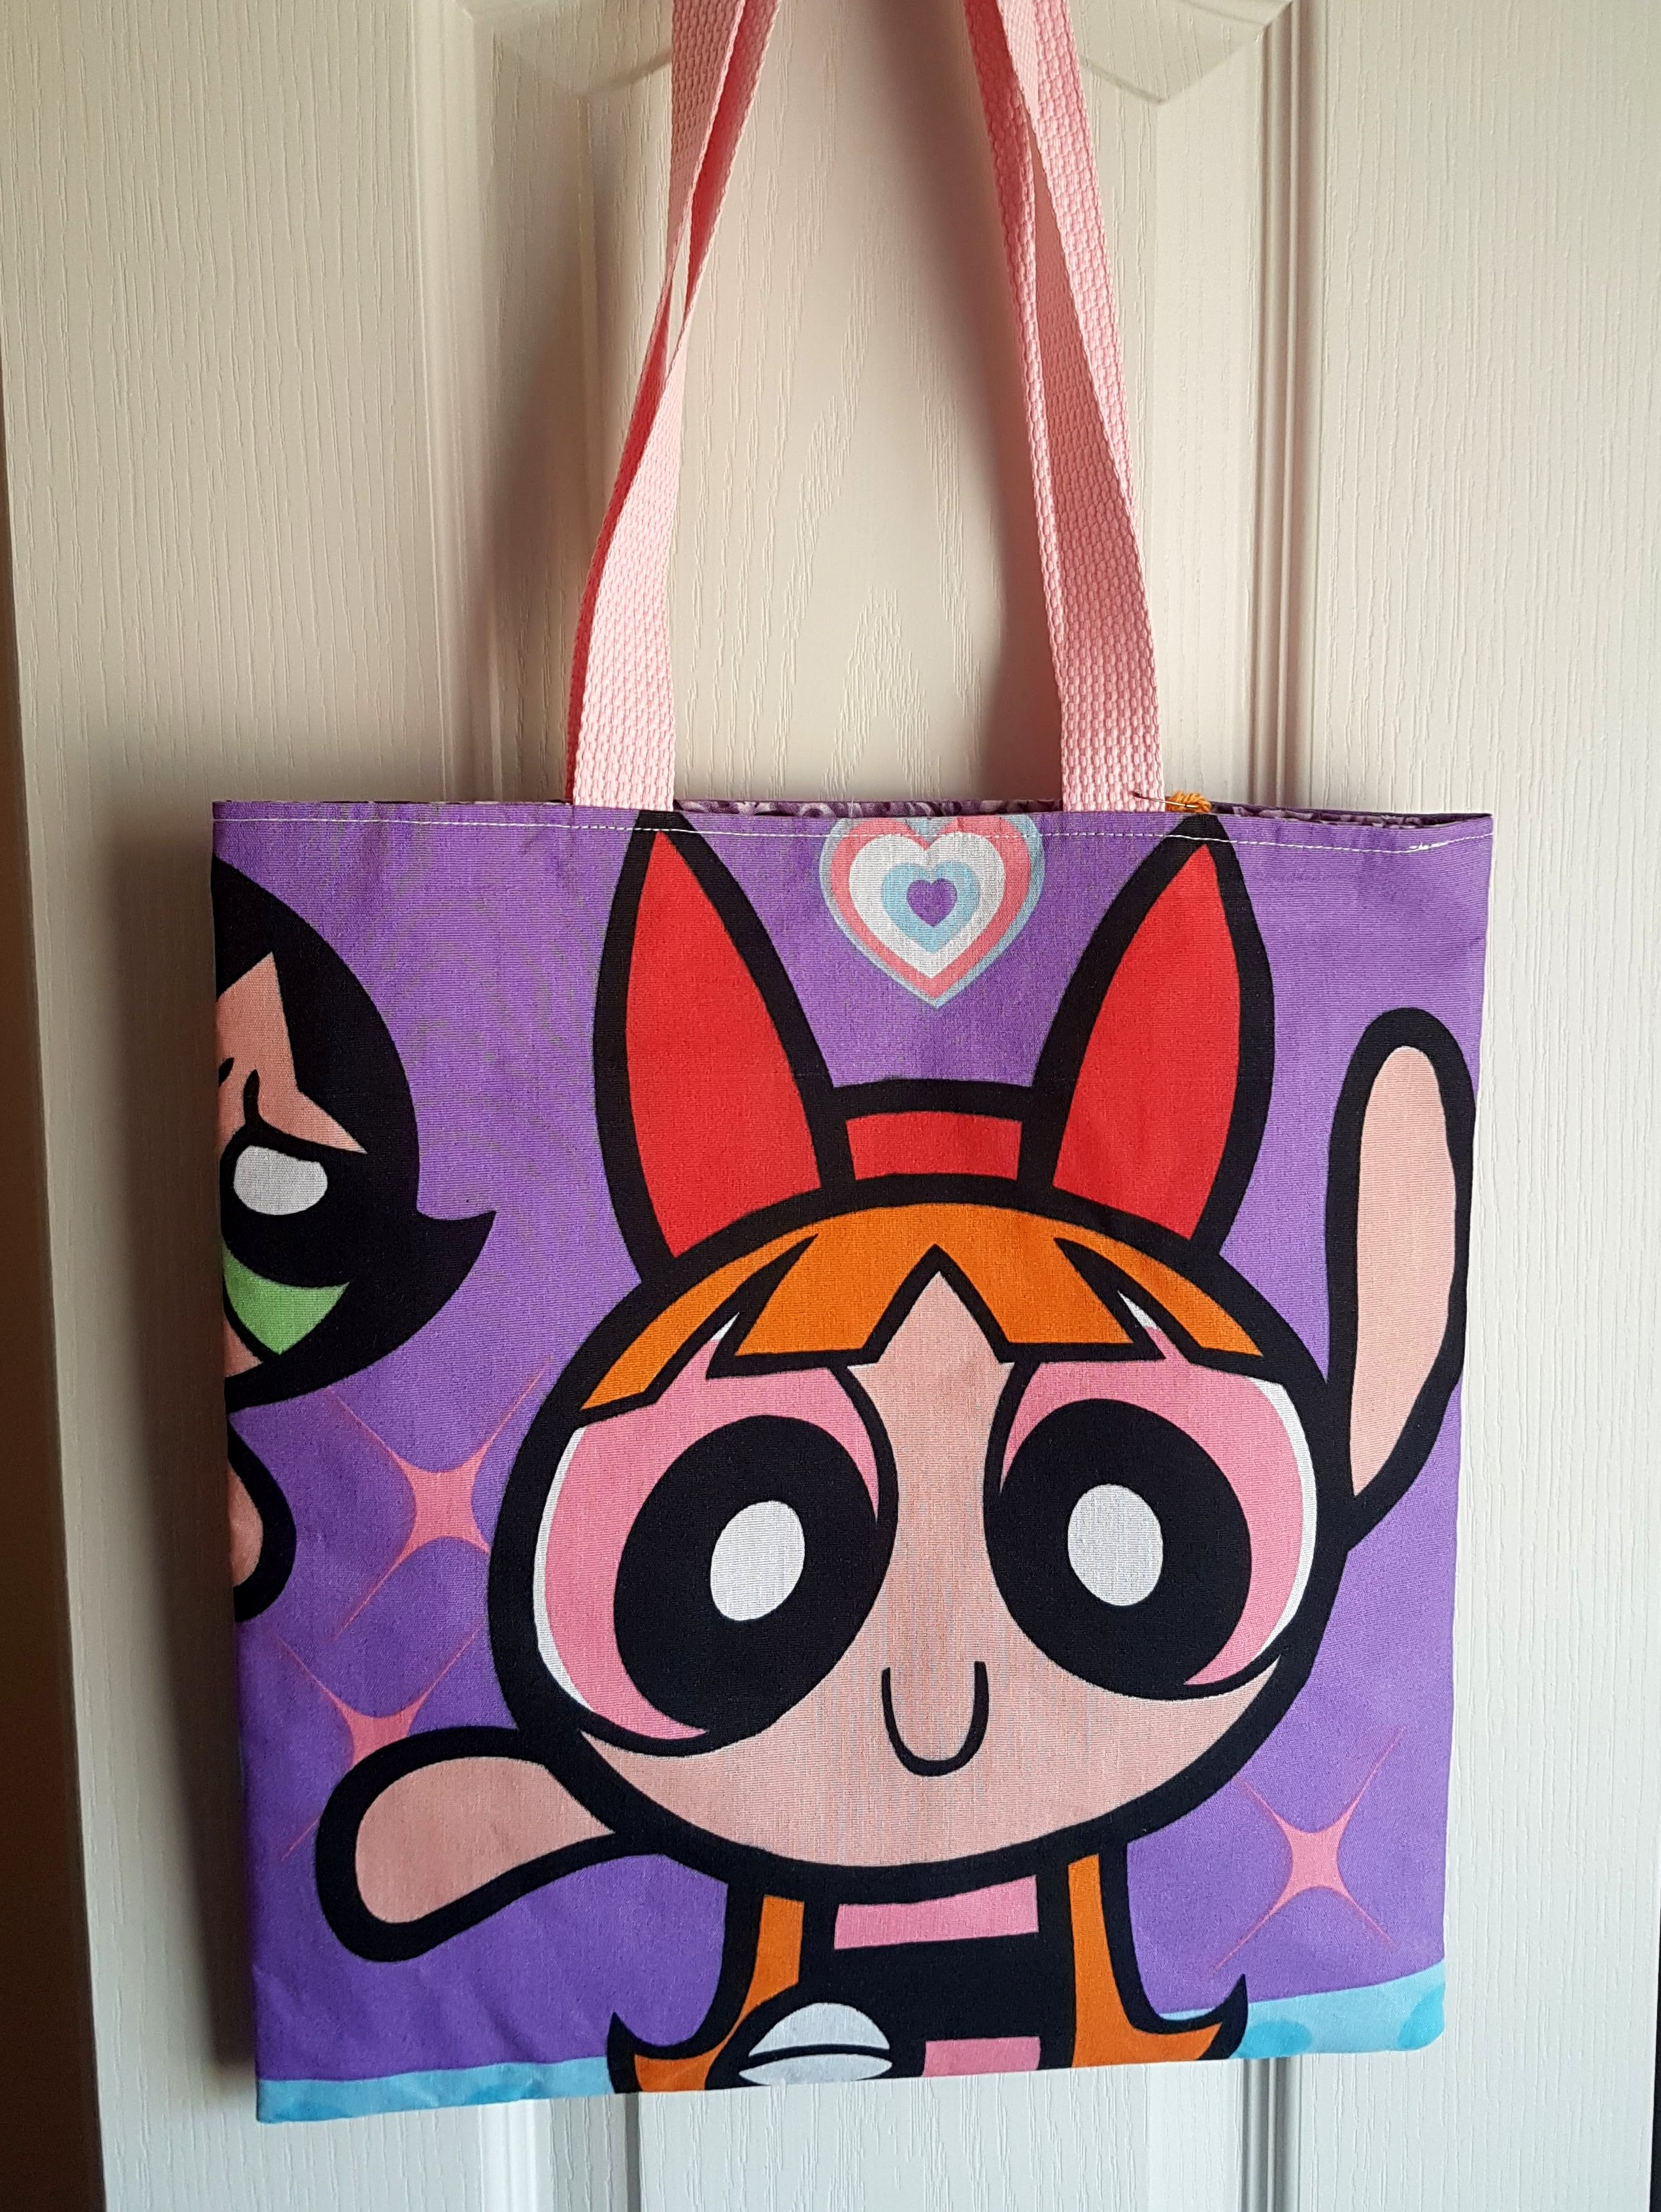 41e0bbf9fc2 Purple Powerpuff Girls Purse Tote Bag - Blossom, Buttercup & Bubbles ...